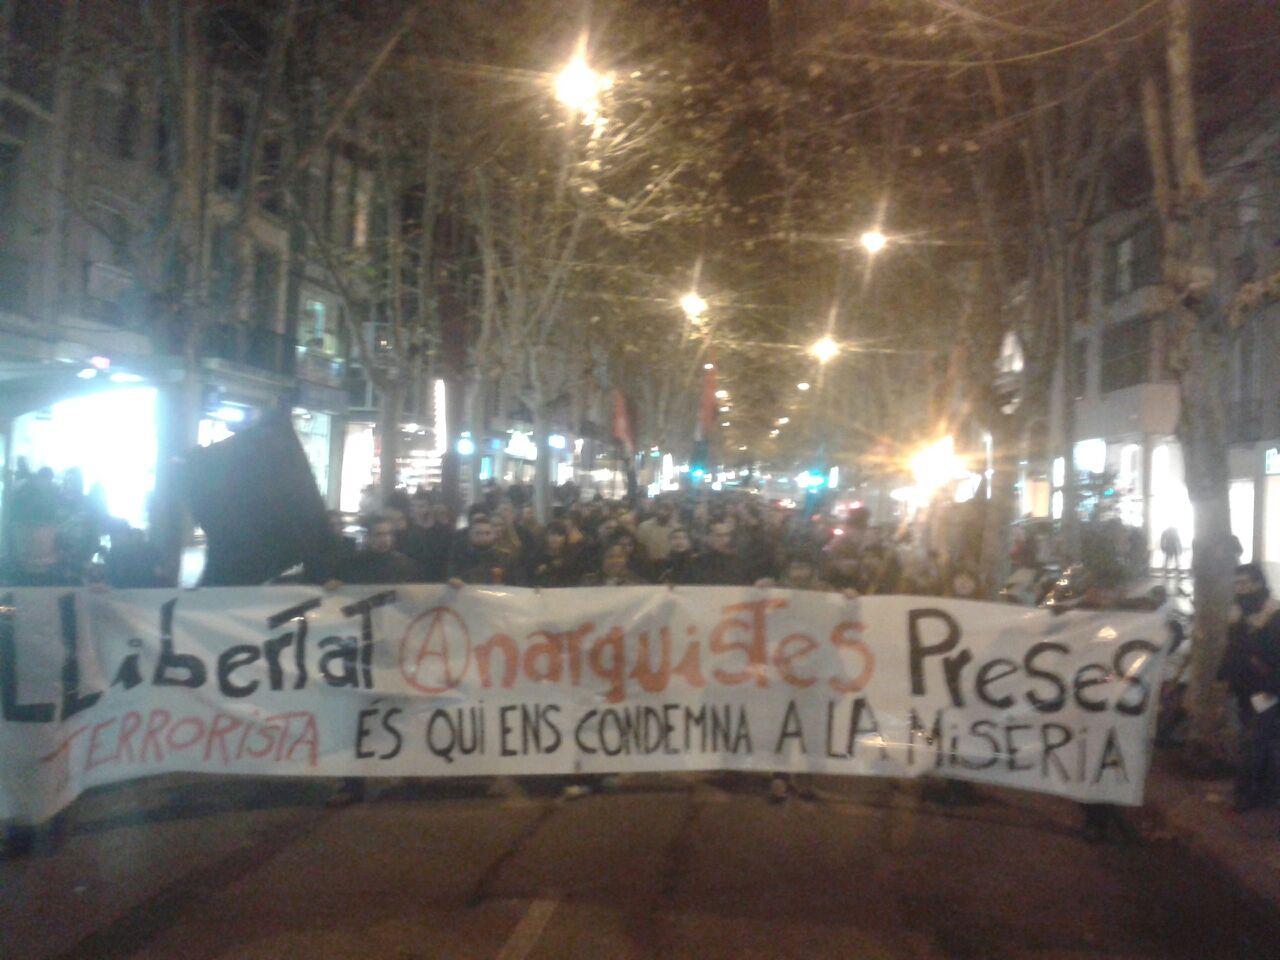 [Crònica] Més de 300 persones es manifesten a Sabadell per la llibertat dels pres@s anarquistes